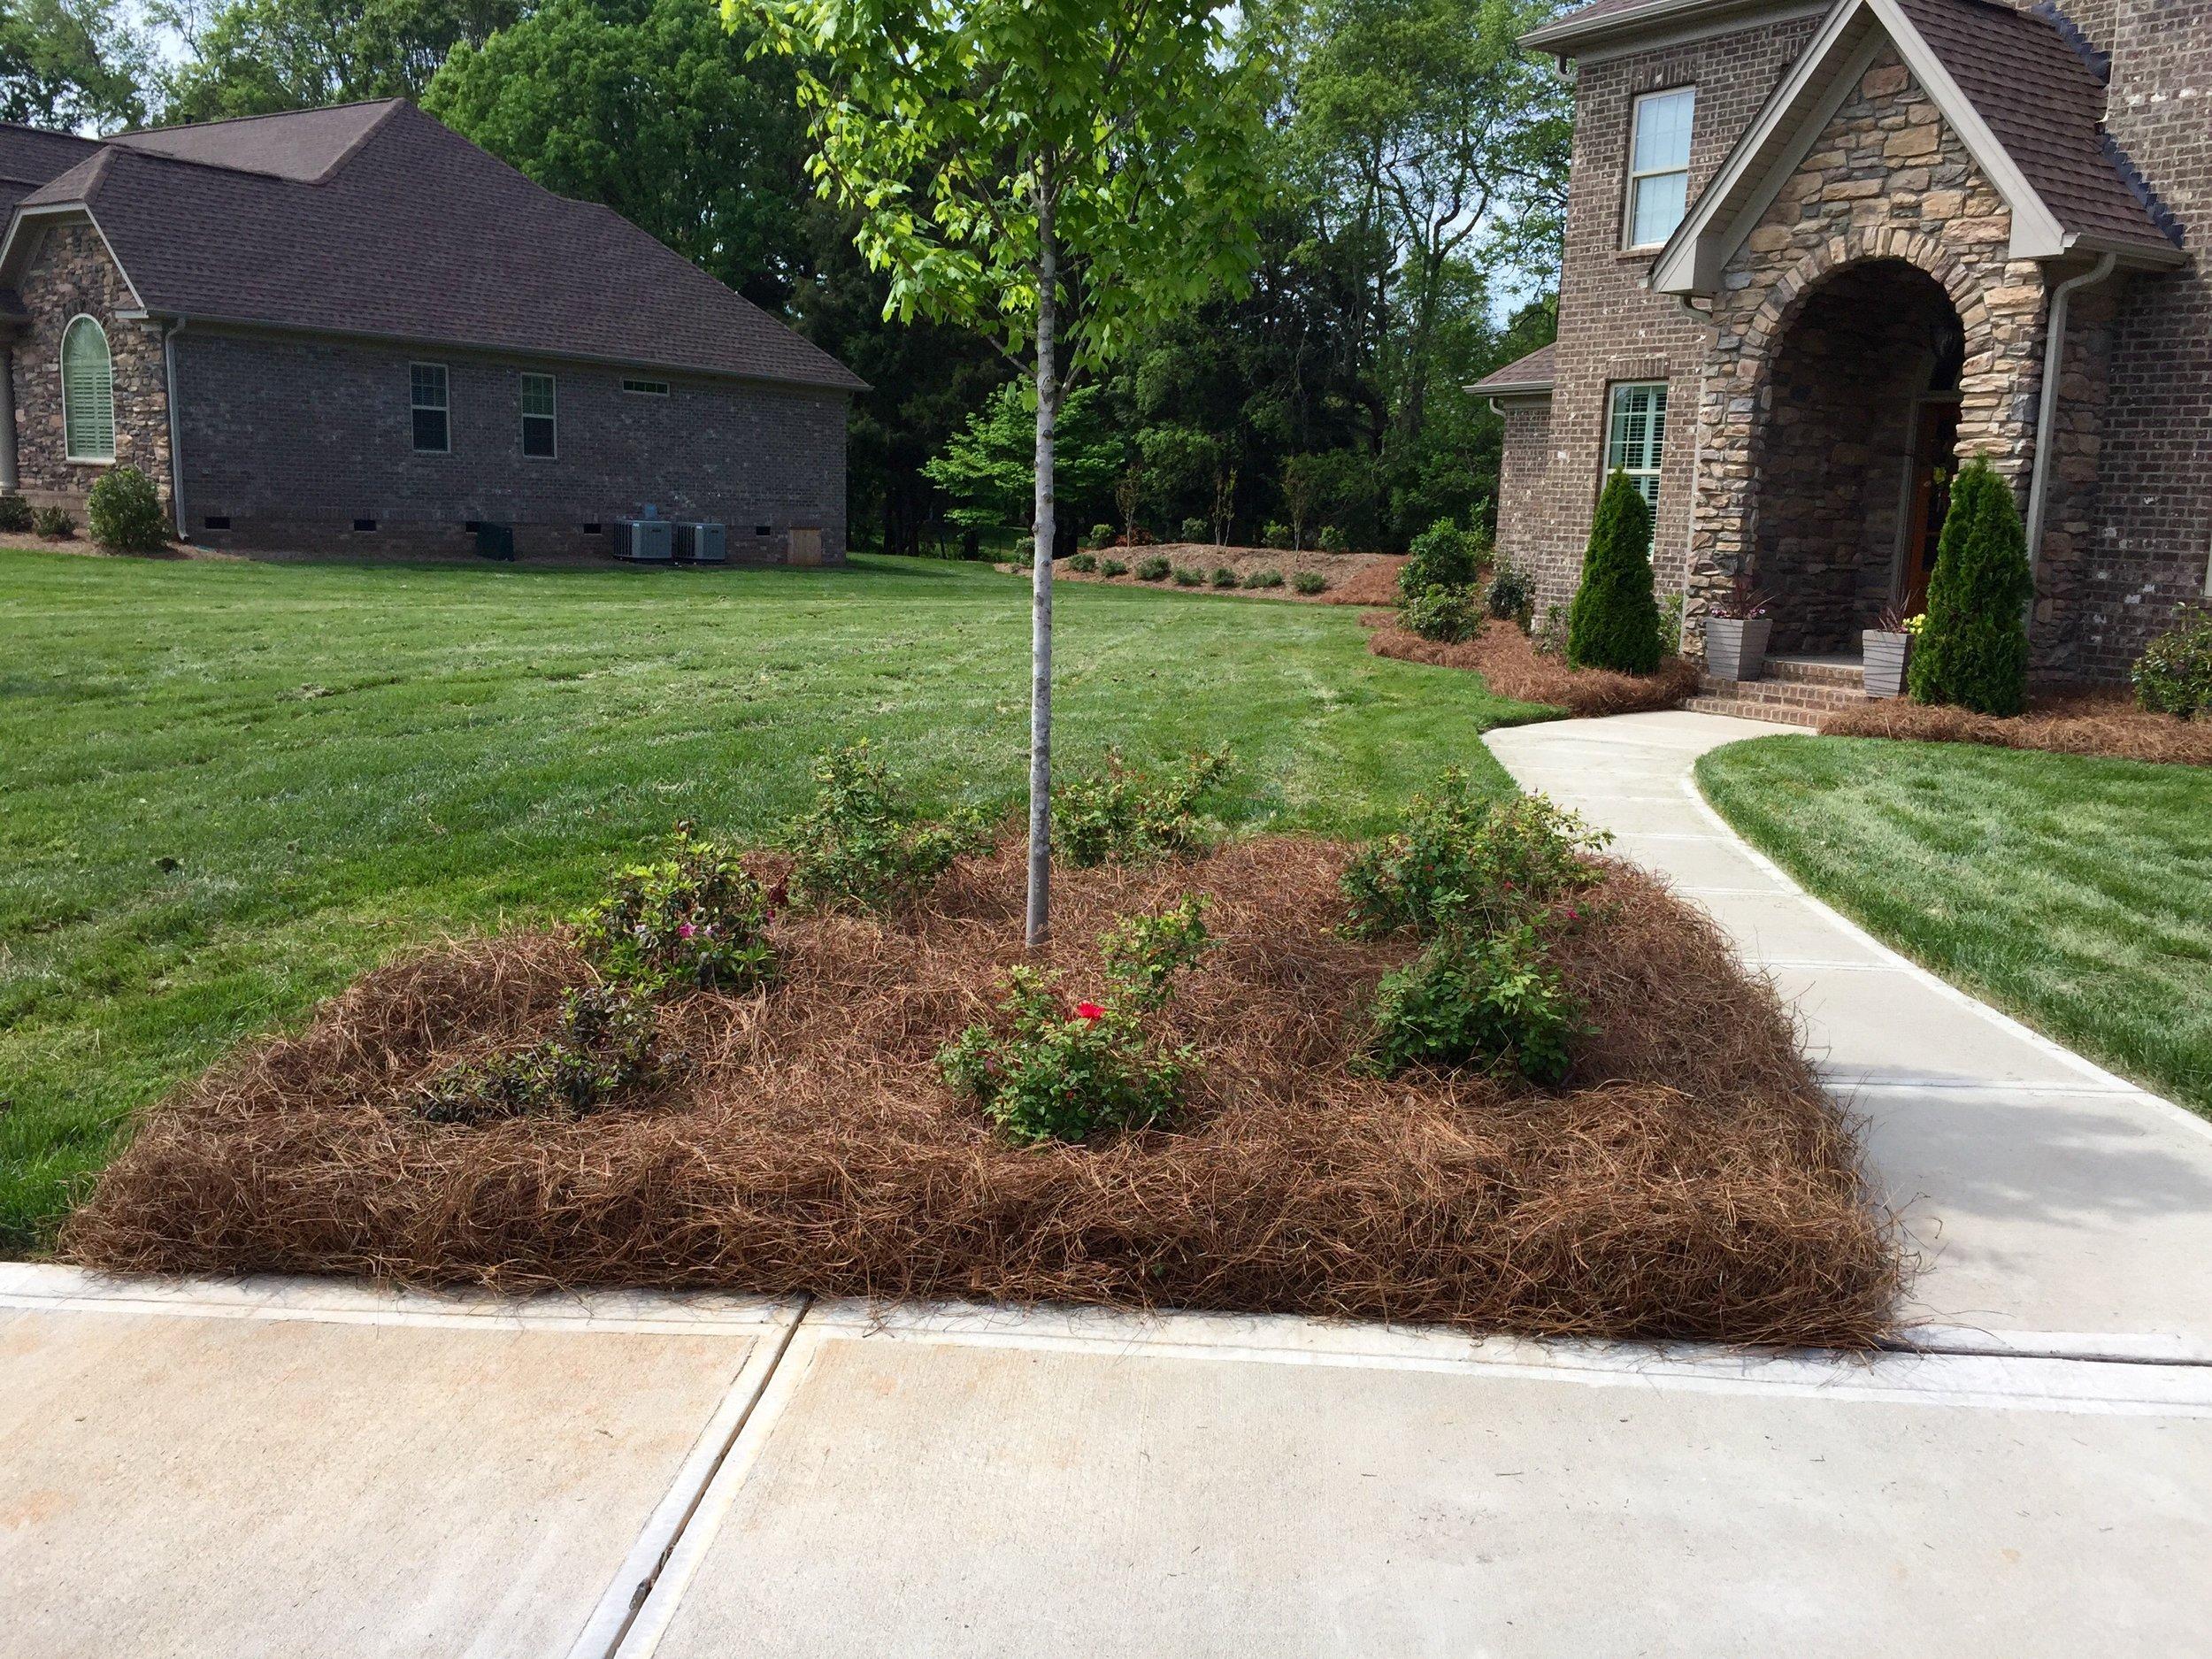 Pine straw mulch around flowers in front yard corner bed.